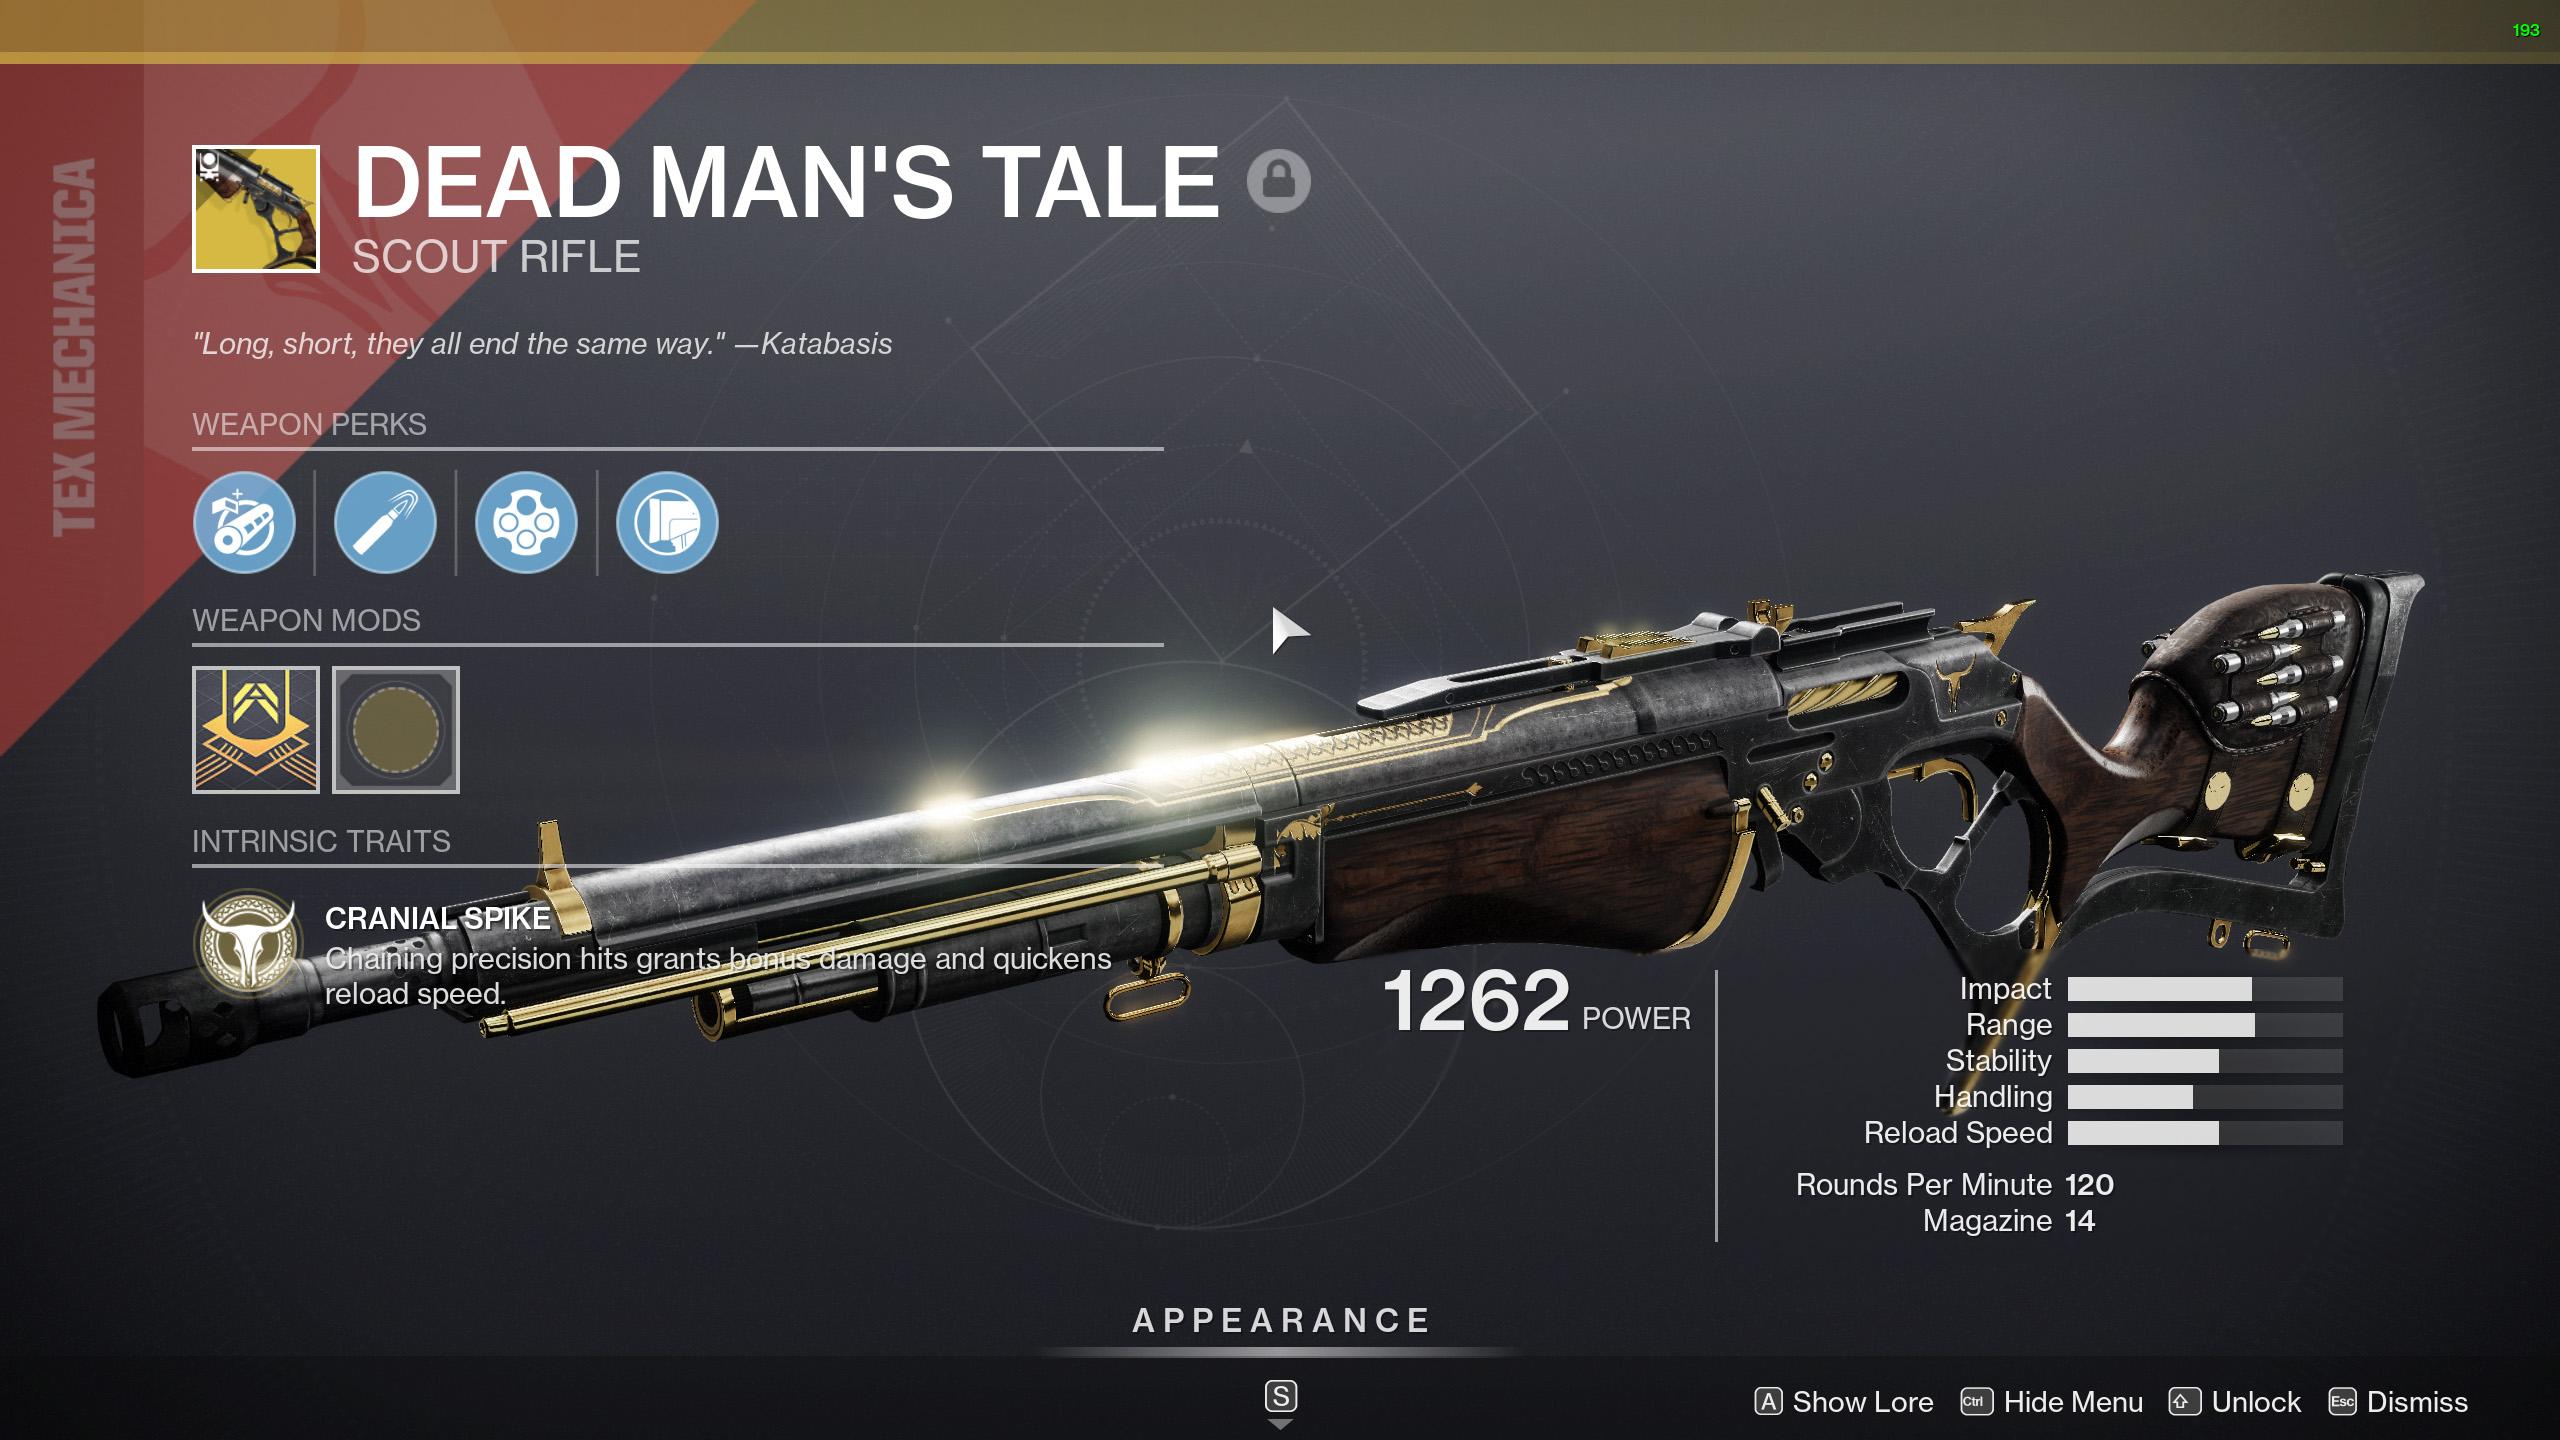 destiny 2 dead man's tale god roll